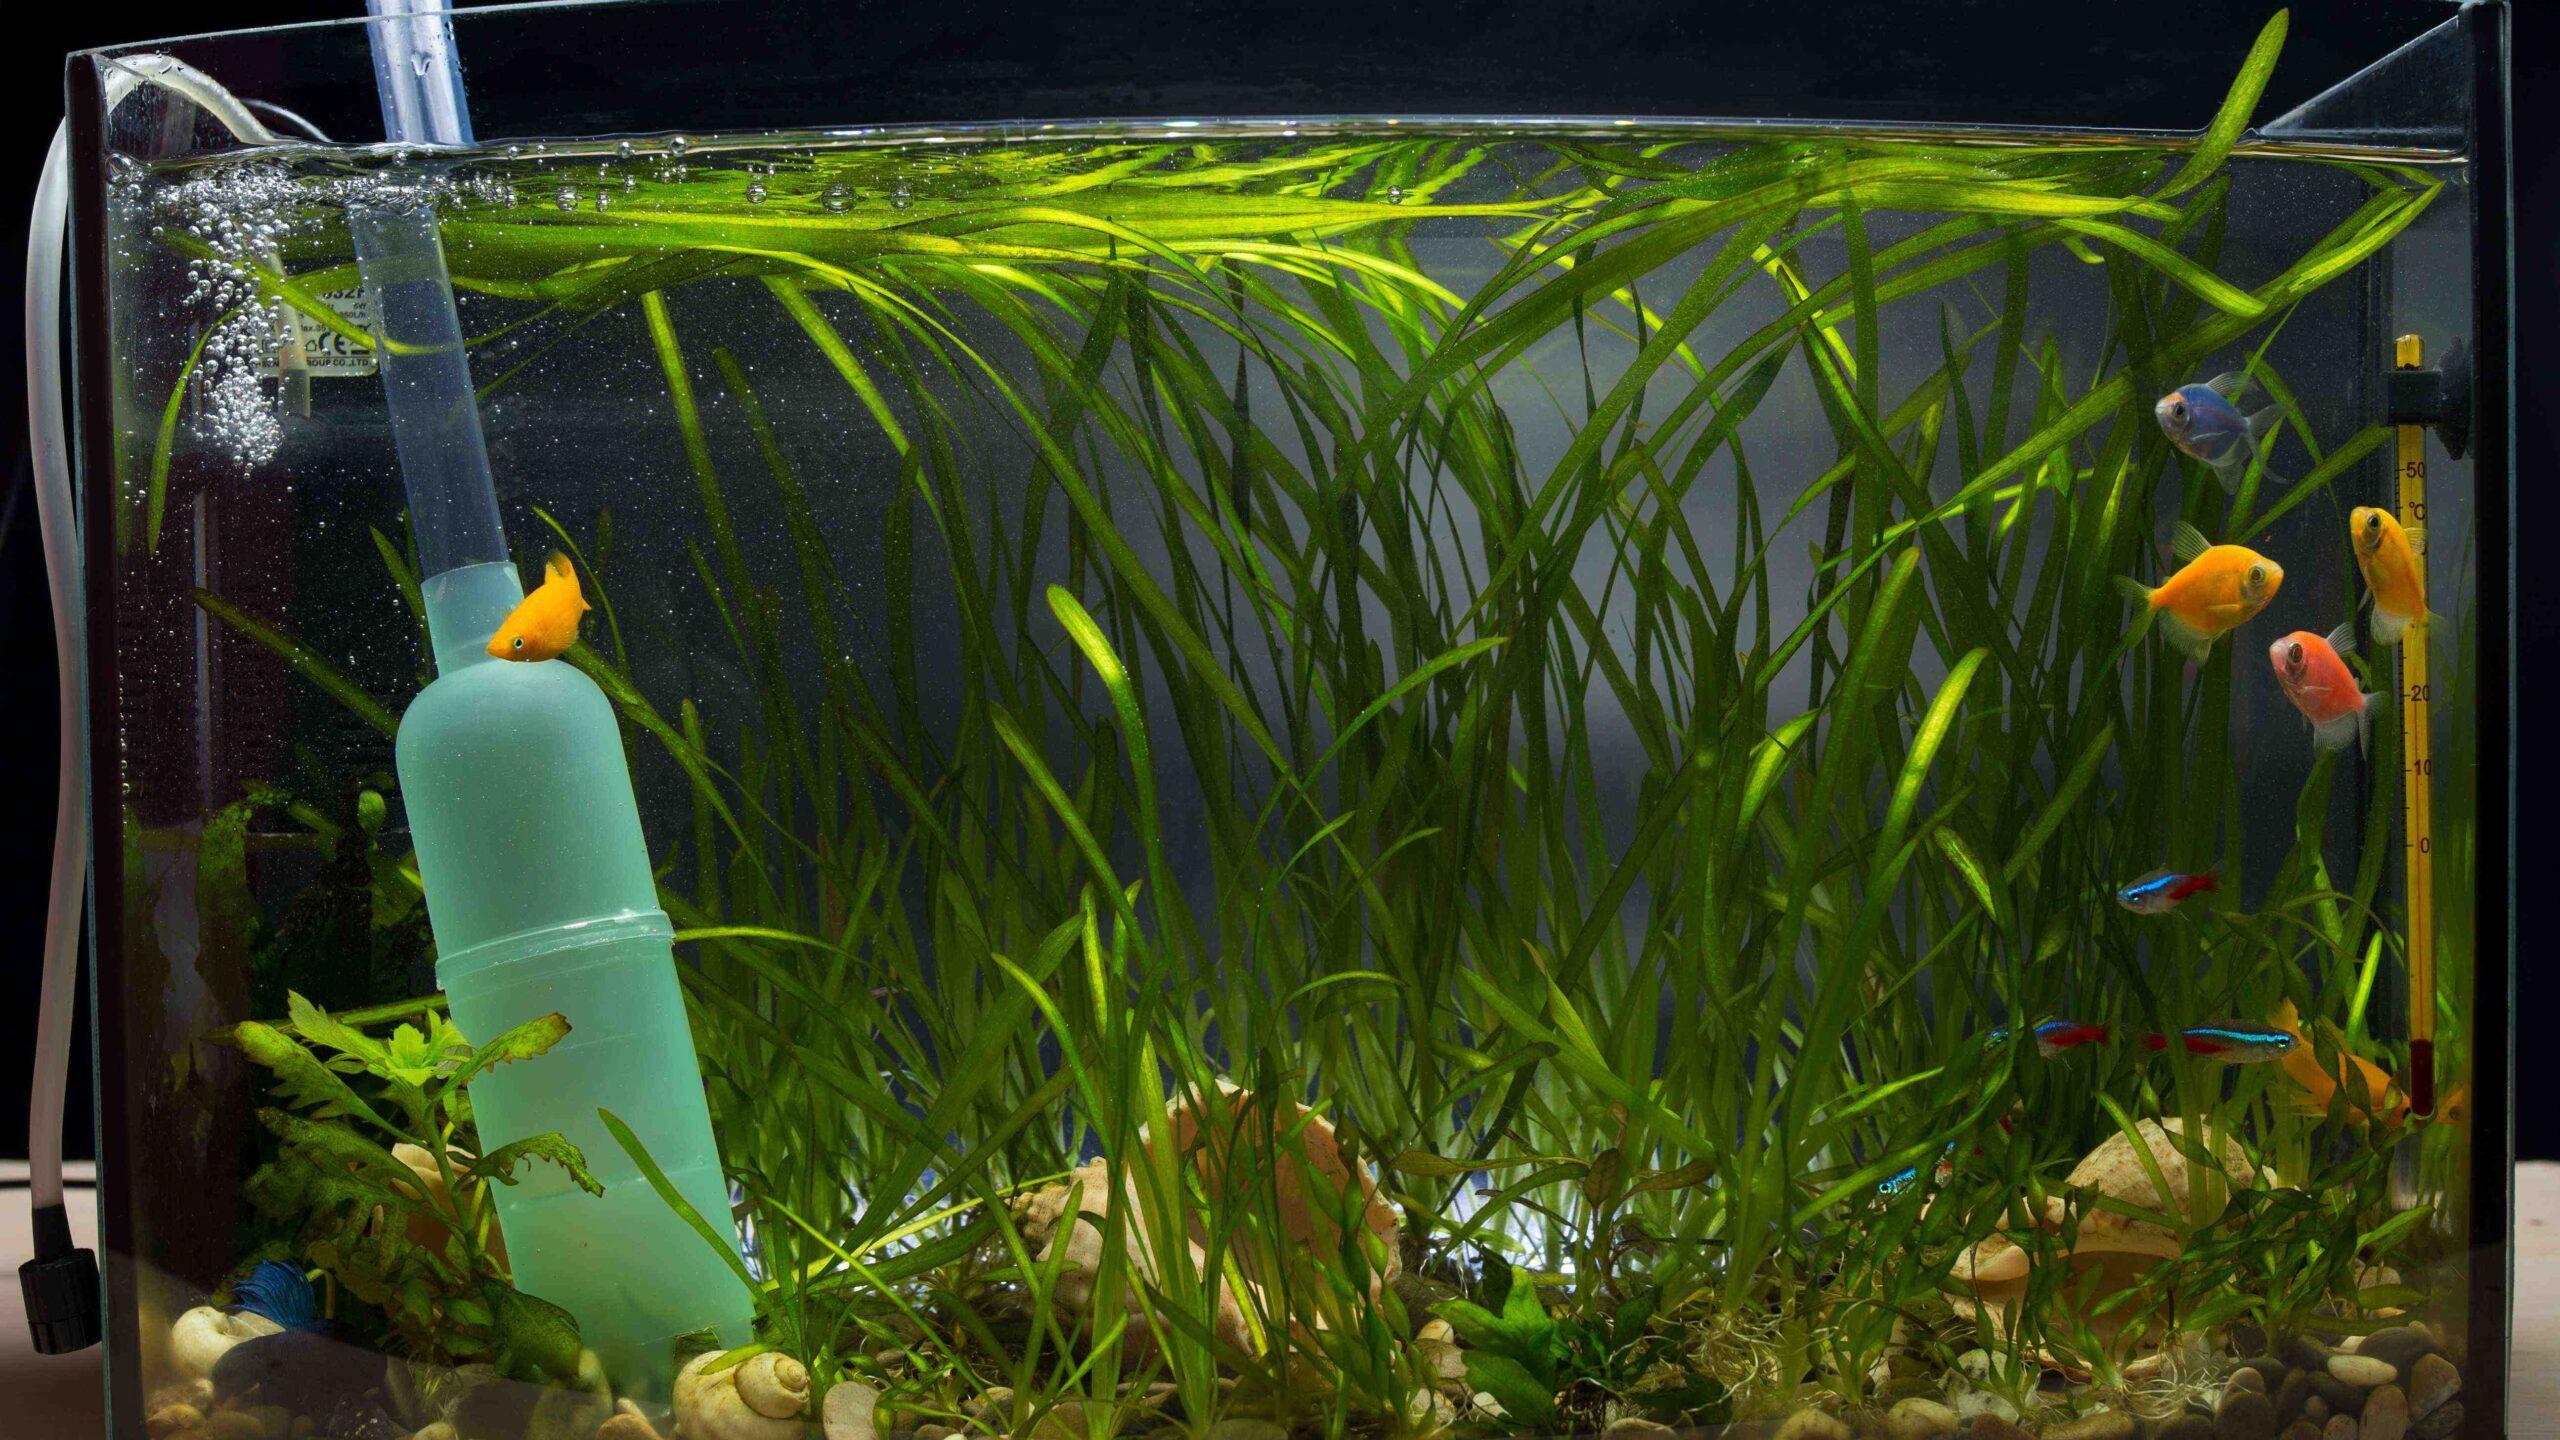 Pourquoi l'eau d'aquarium est-elle blanche?